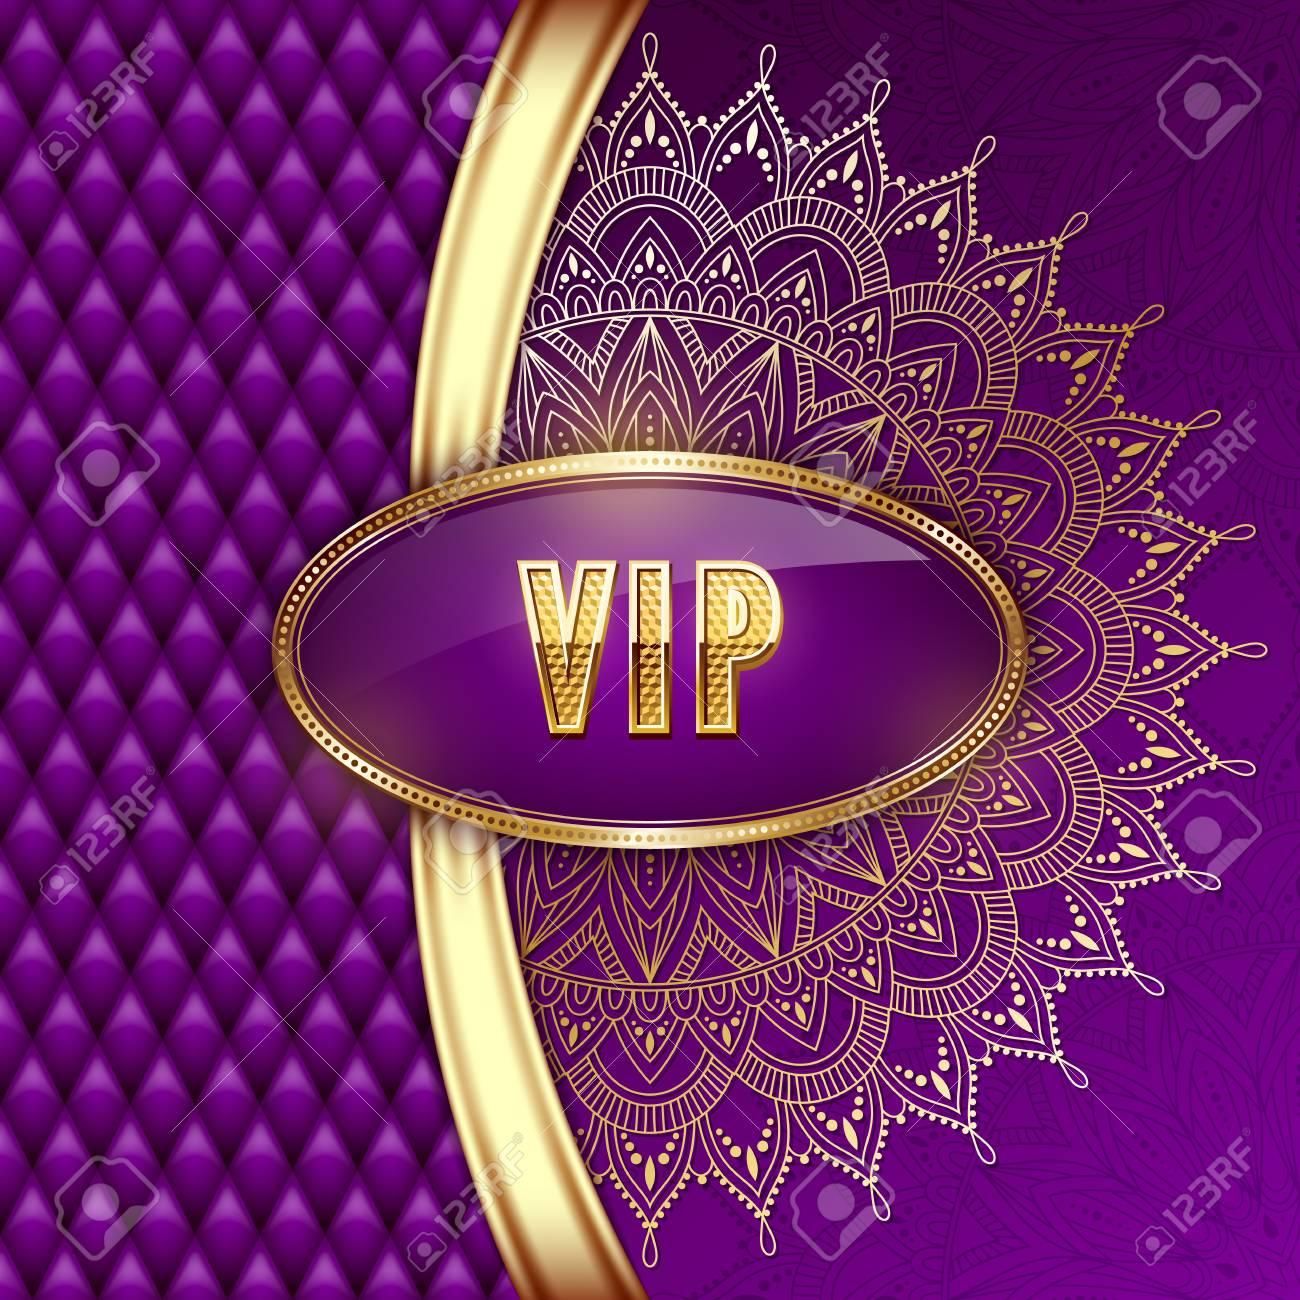 Elegante Tarjeta De Invitación Vip Con Cintas Doradas Y Adornos étnicos Mandala Ilustración Vectorial